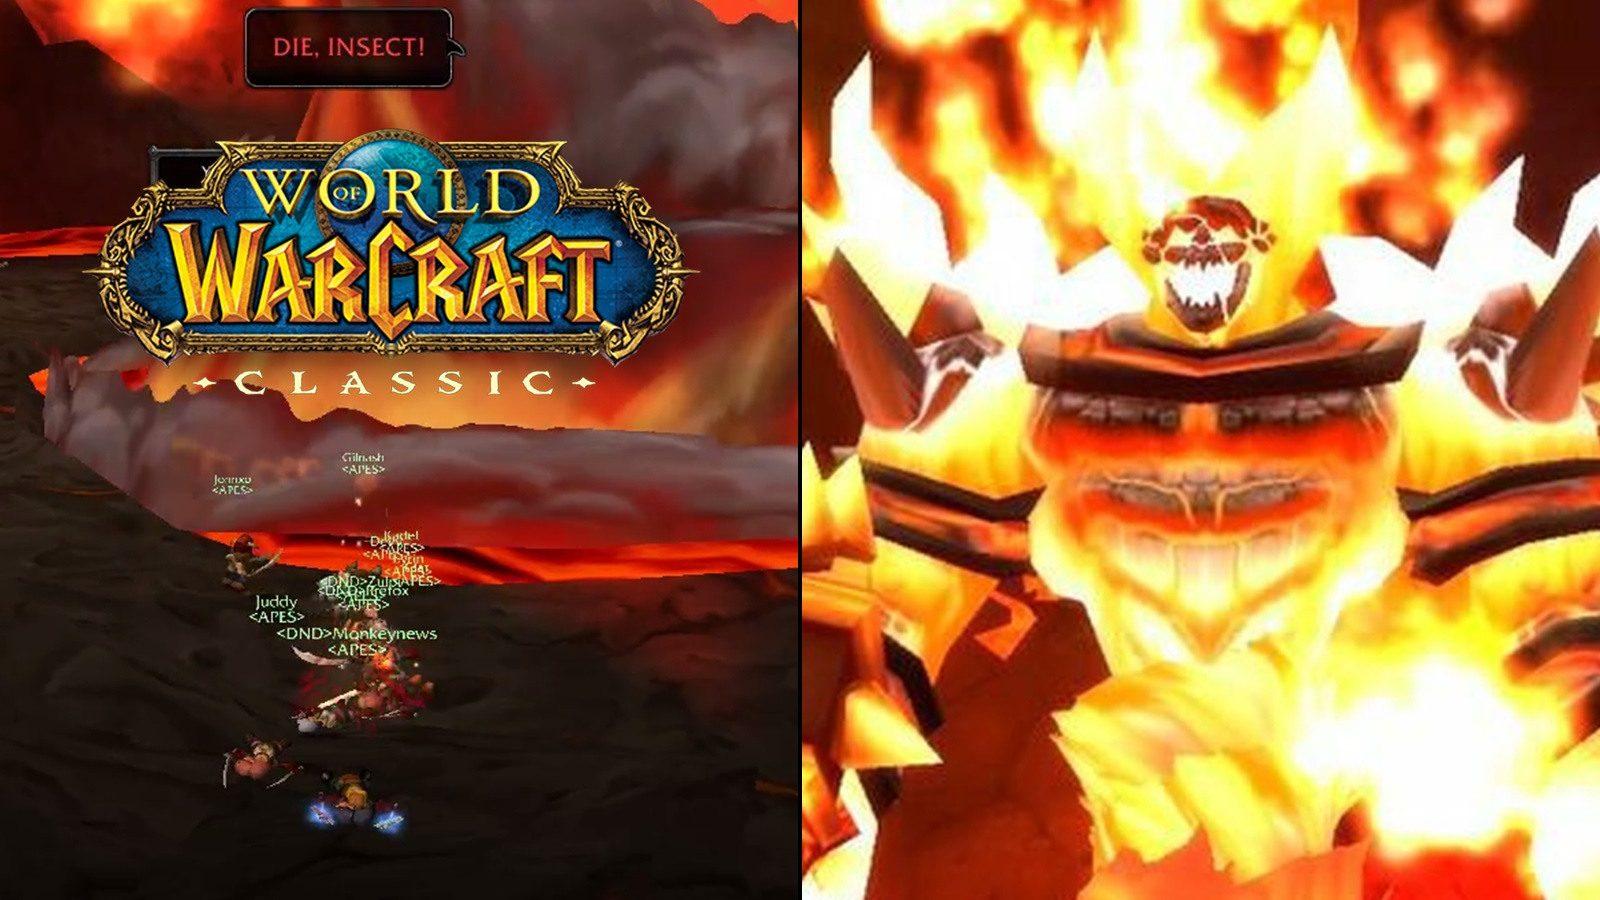 《魔獸世界》經典版與拉格納羅斯